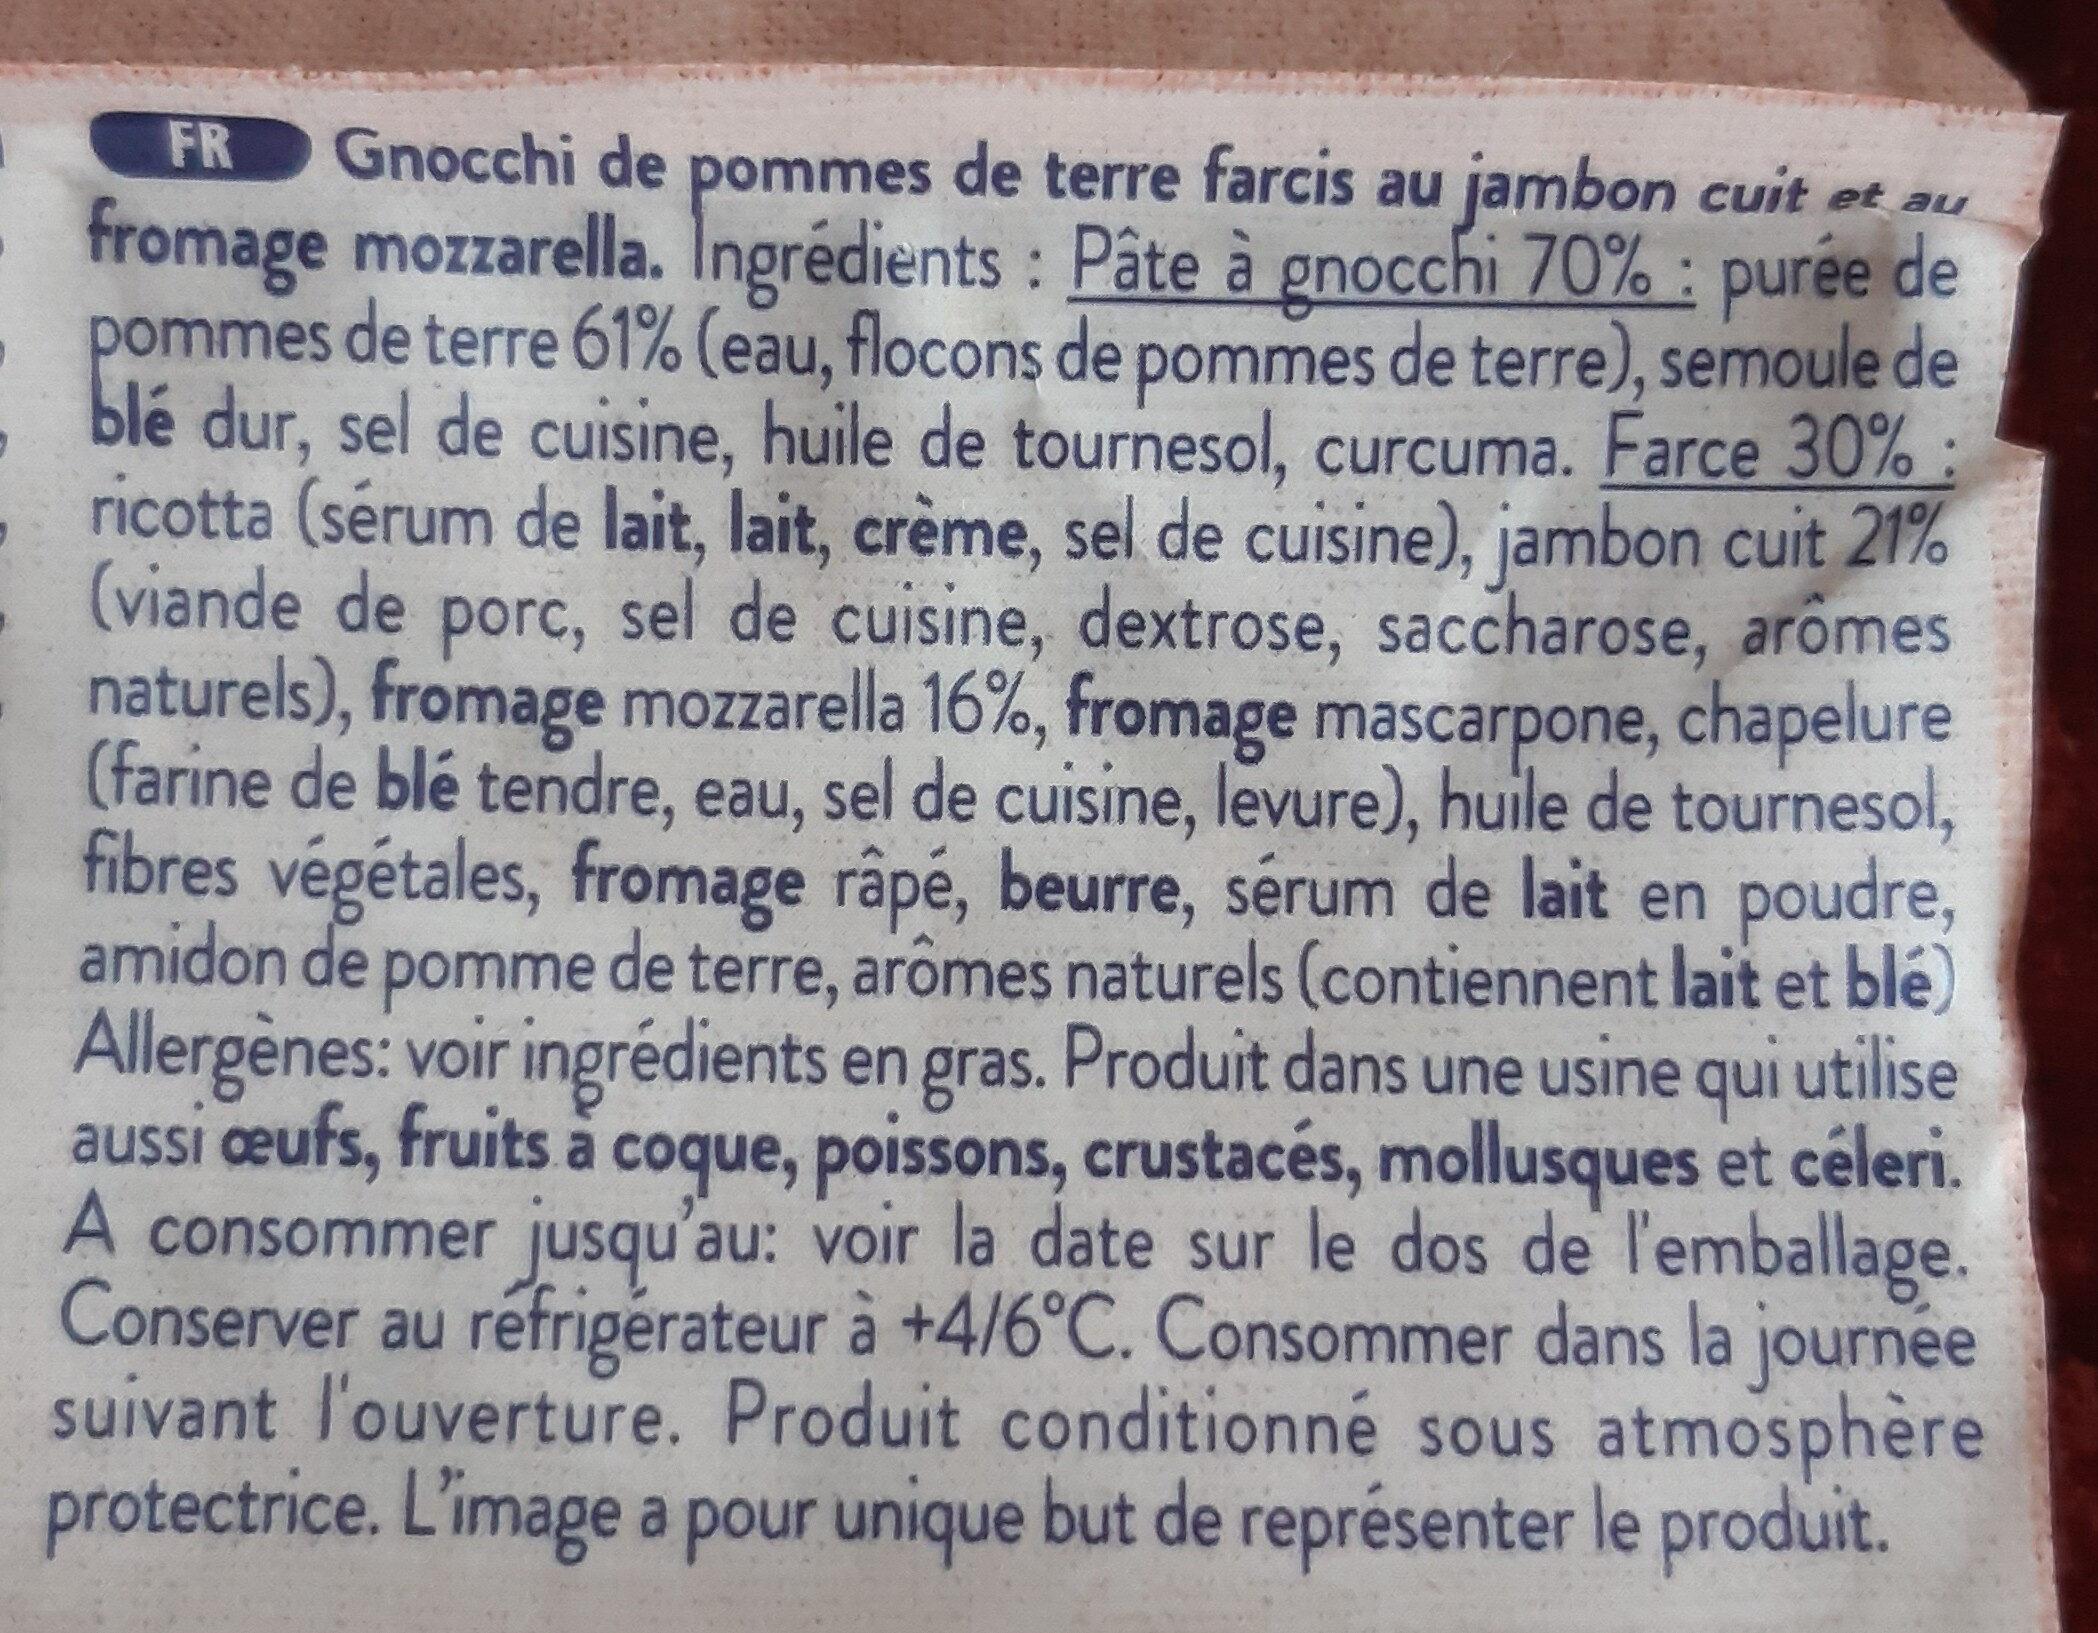 Gnocchi farcis - Ingredienti - fr